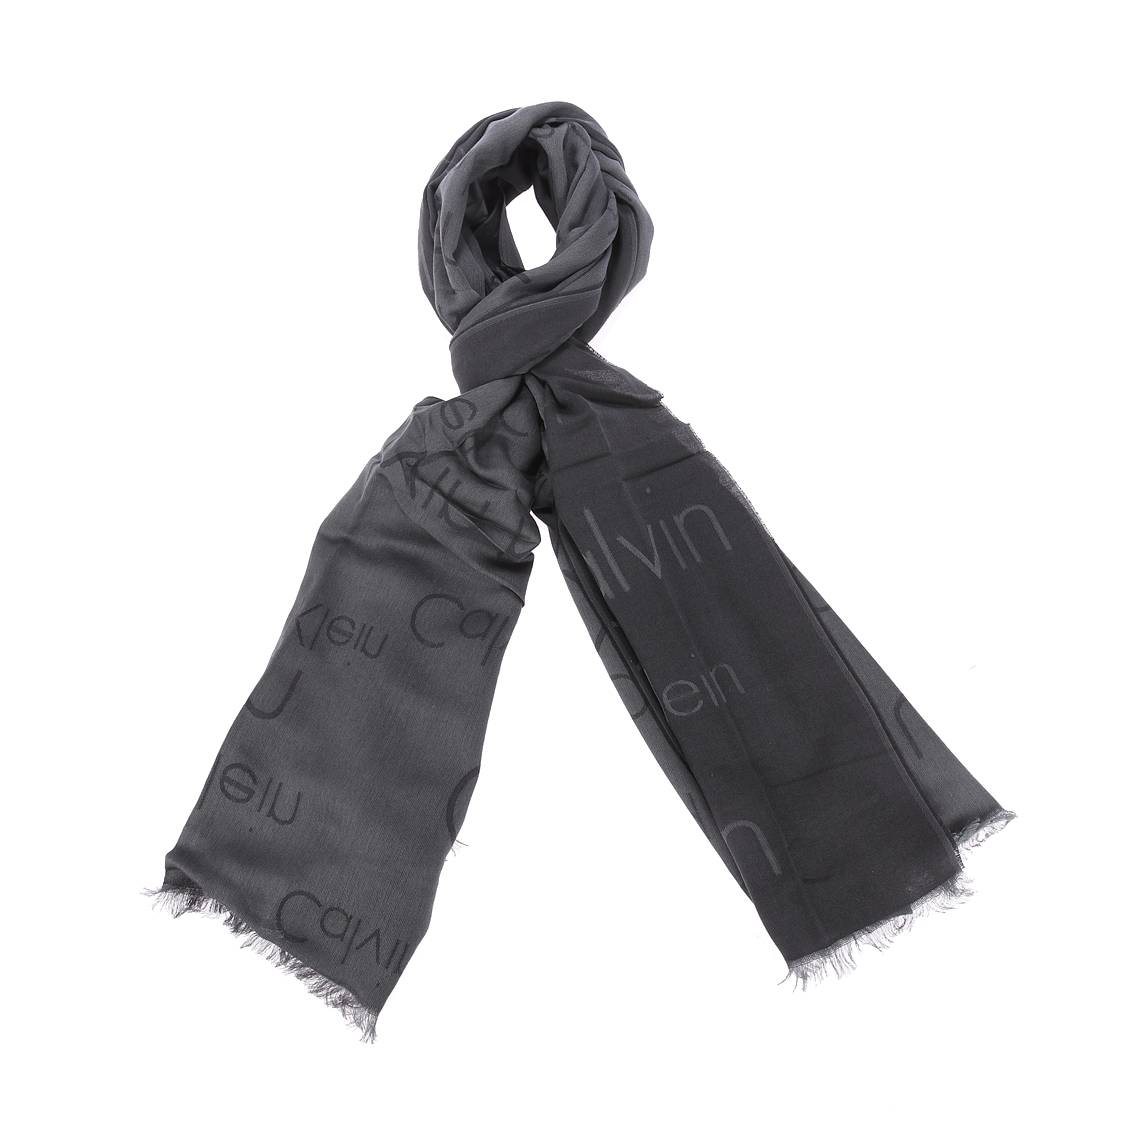 Chèche calvin klein jeans logo en coton et modal noir et gris anthracite brodé